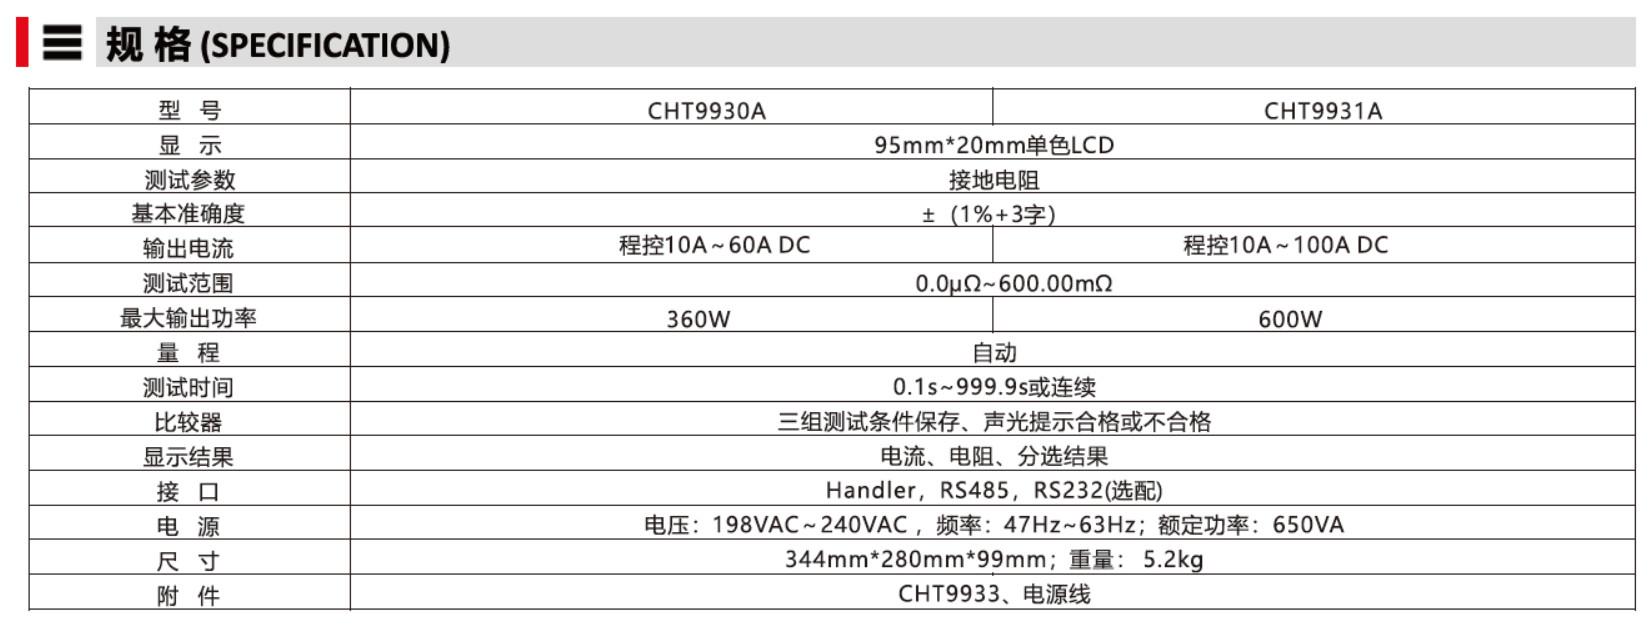 CHT9930A-SPEC